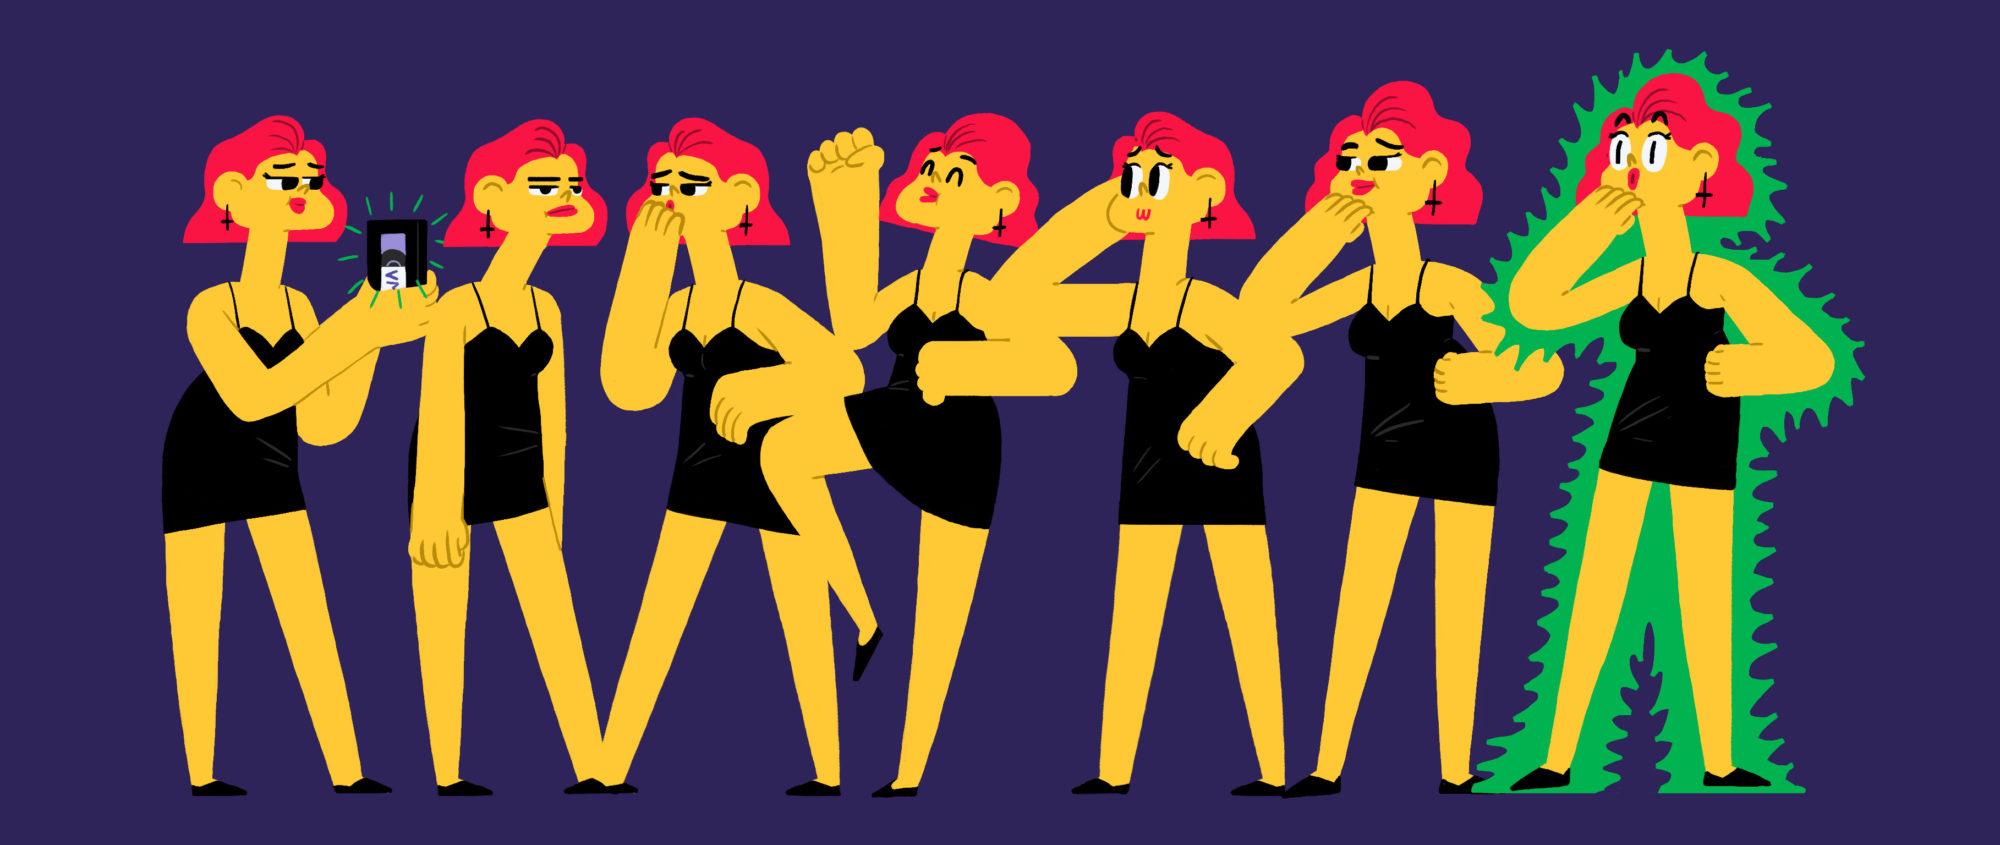 mtv-vma-chicos-poses-1